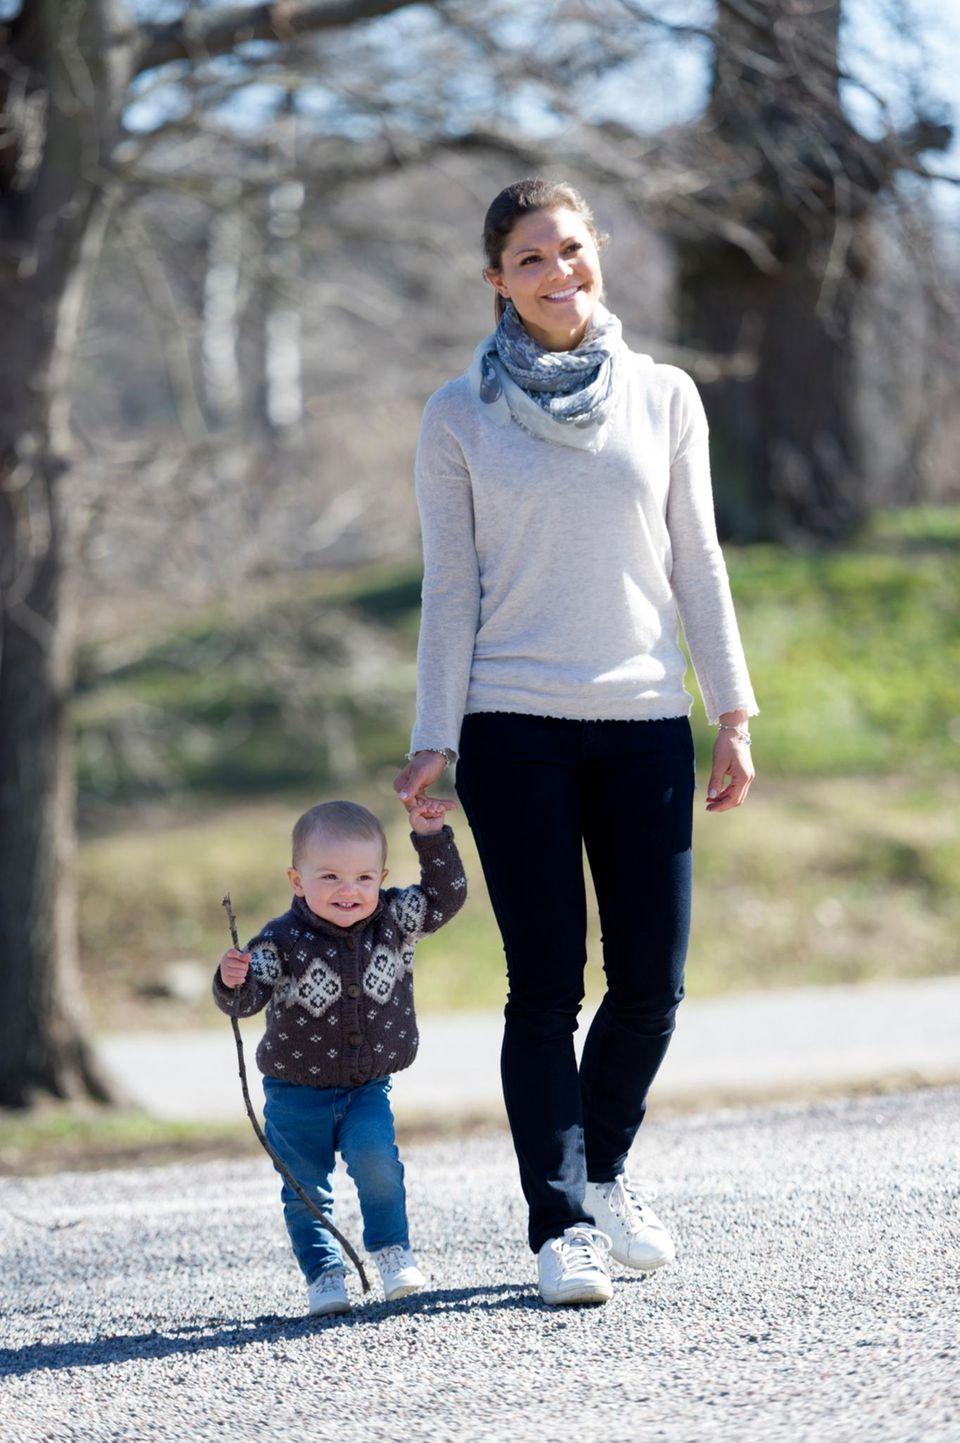 Prinzessin Victoria spaziert mit der kleinen Estelle im Park Haga in Stockholm.